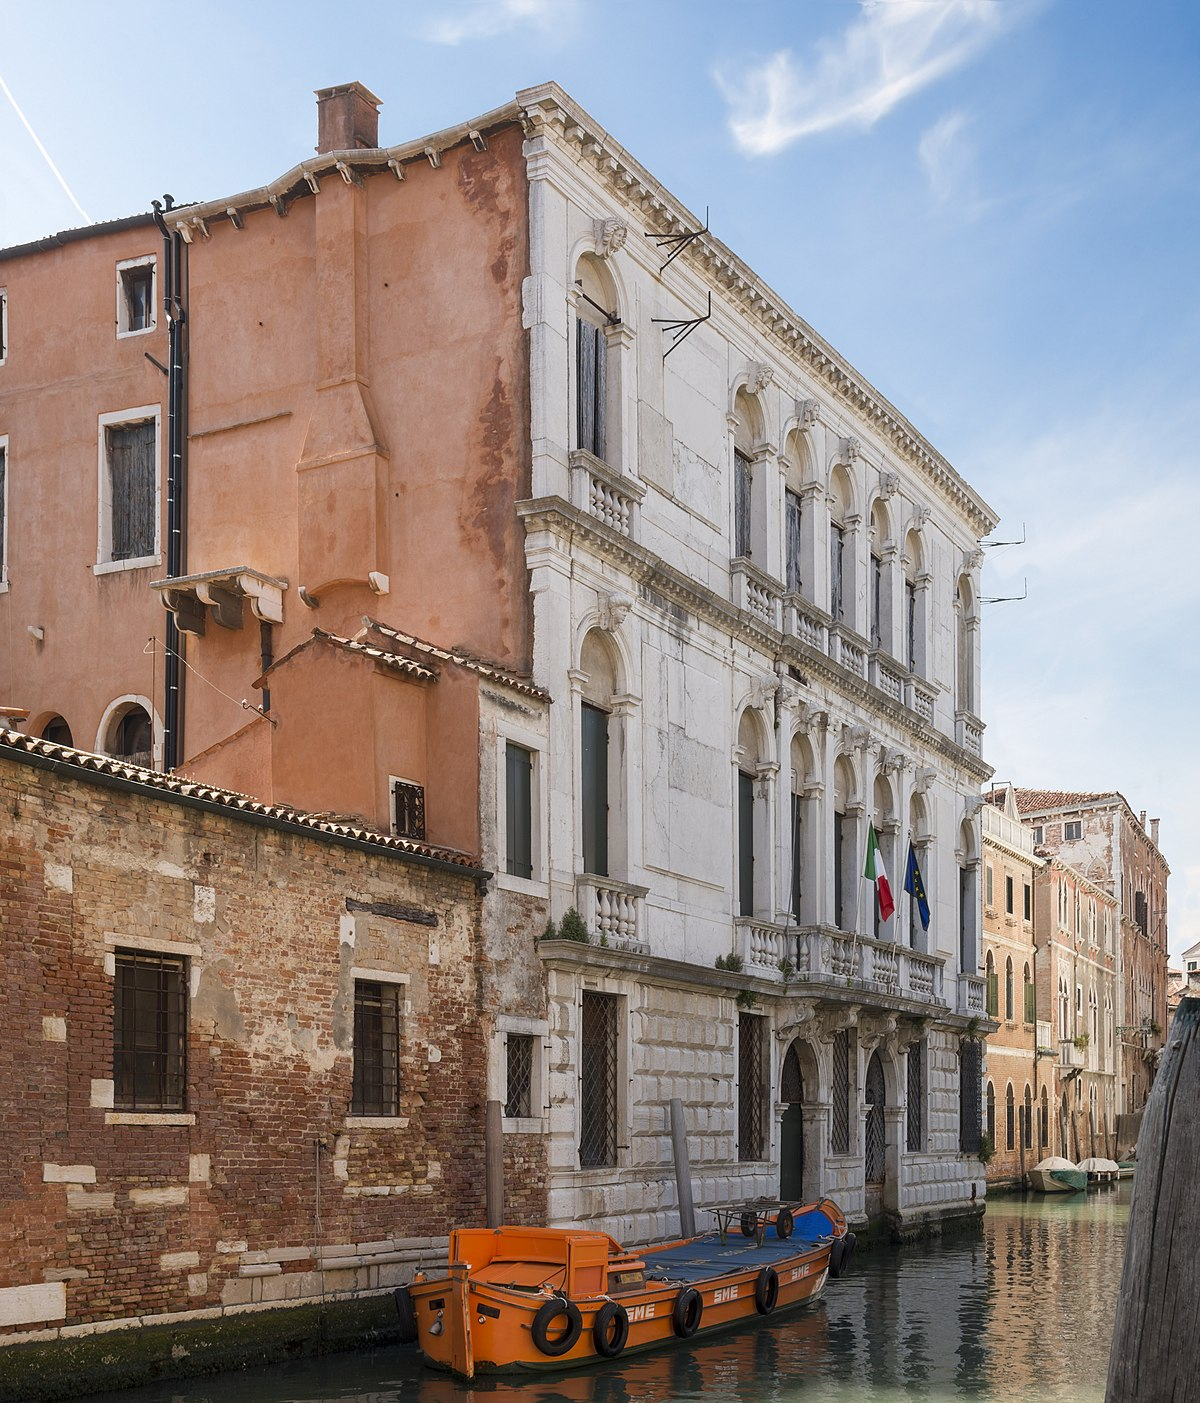 Palazzo zane collalto wikipedia for Palazzo 24